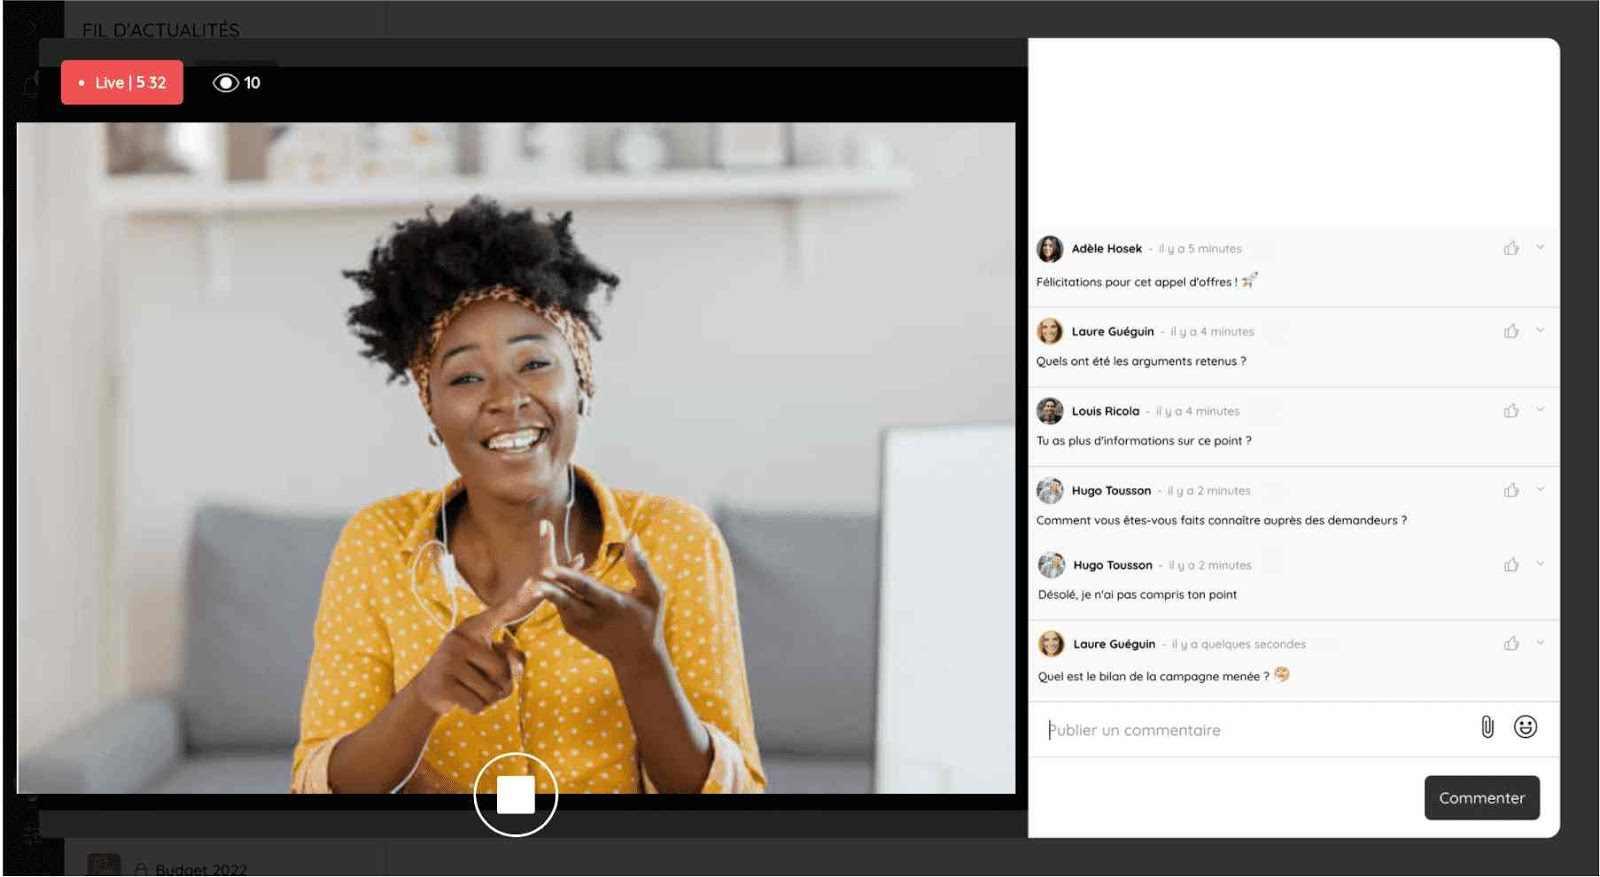 Organisez des webinaires grâce à la fonctionnalité live vidéo